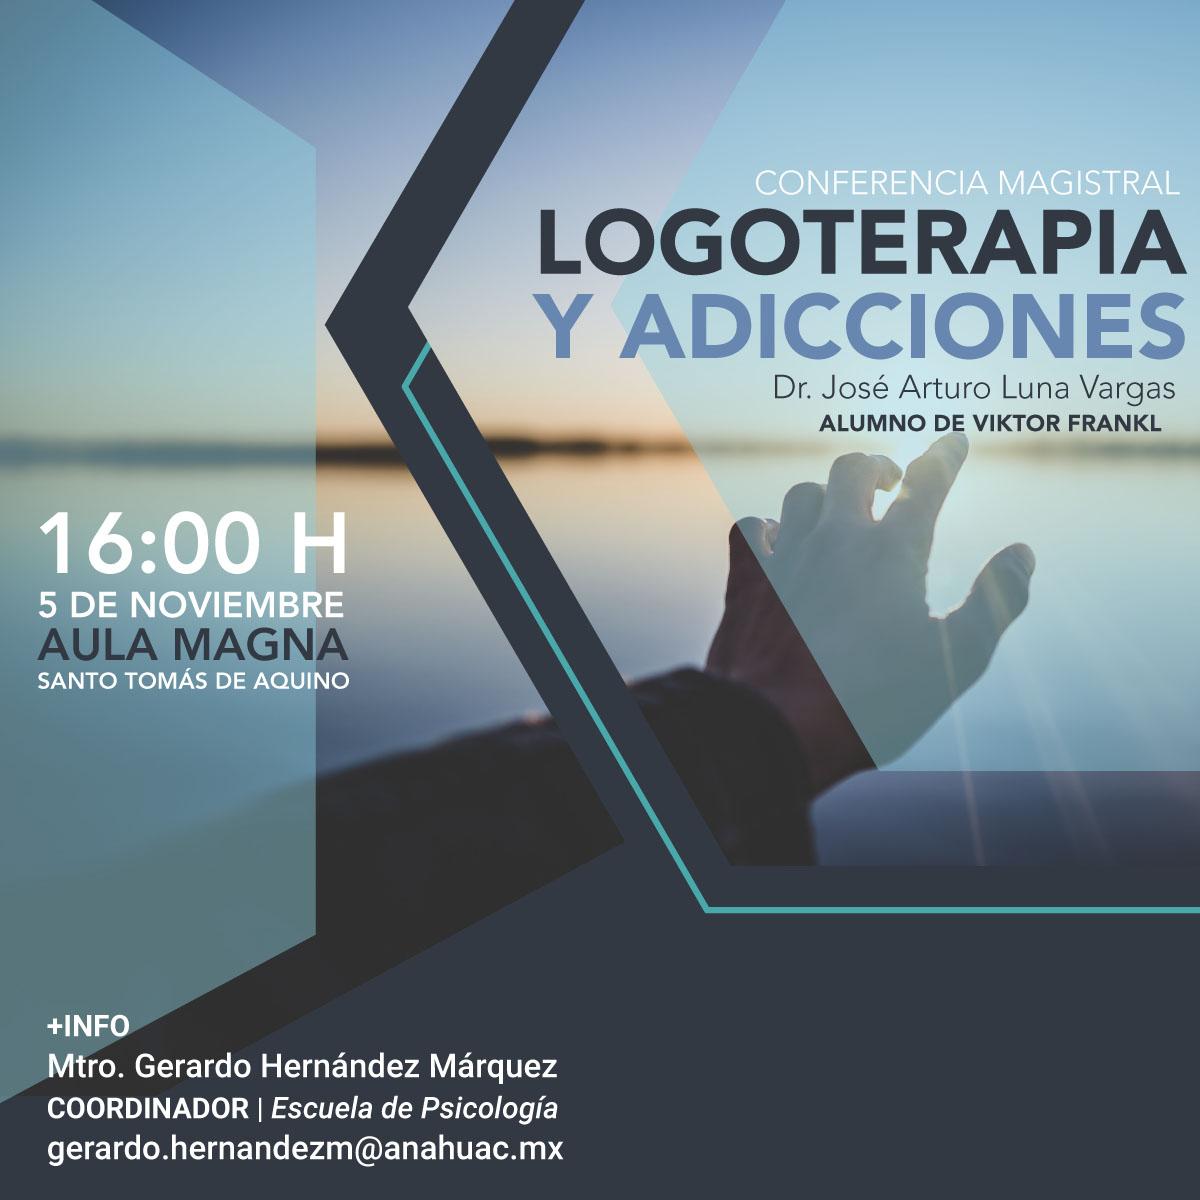 Logoterapia y Adicciones